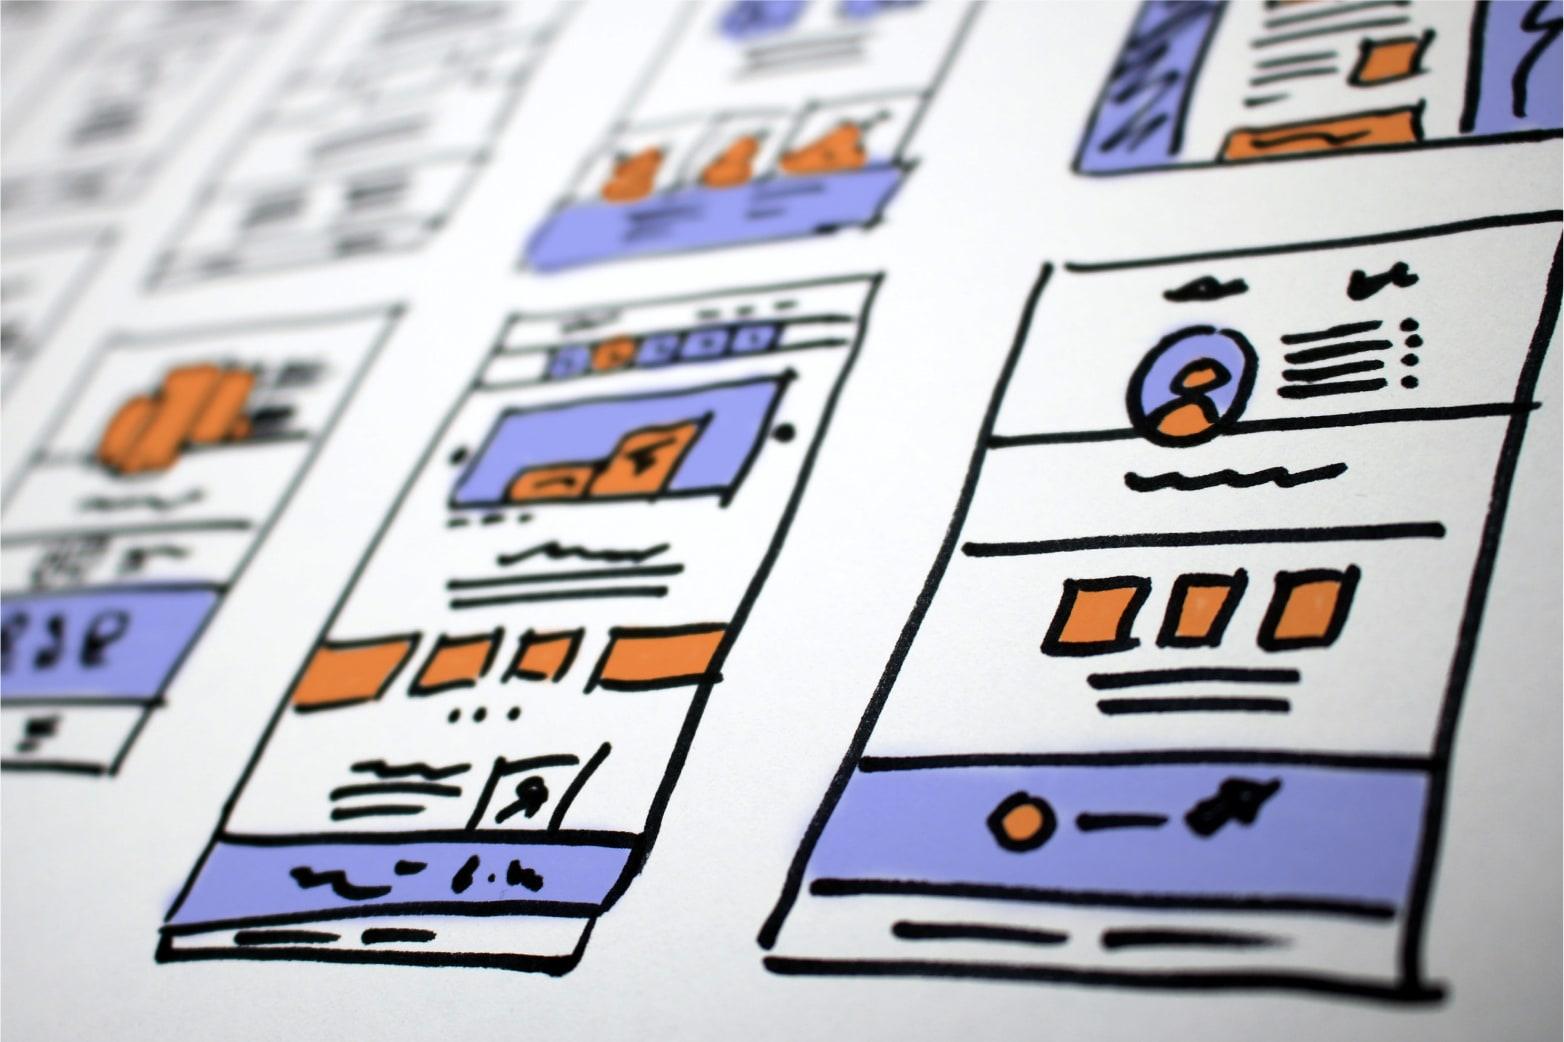 Flocker - Stijlvolle websites creëren